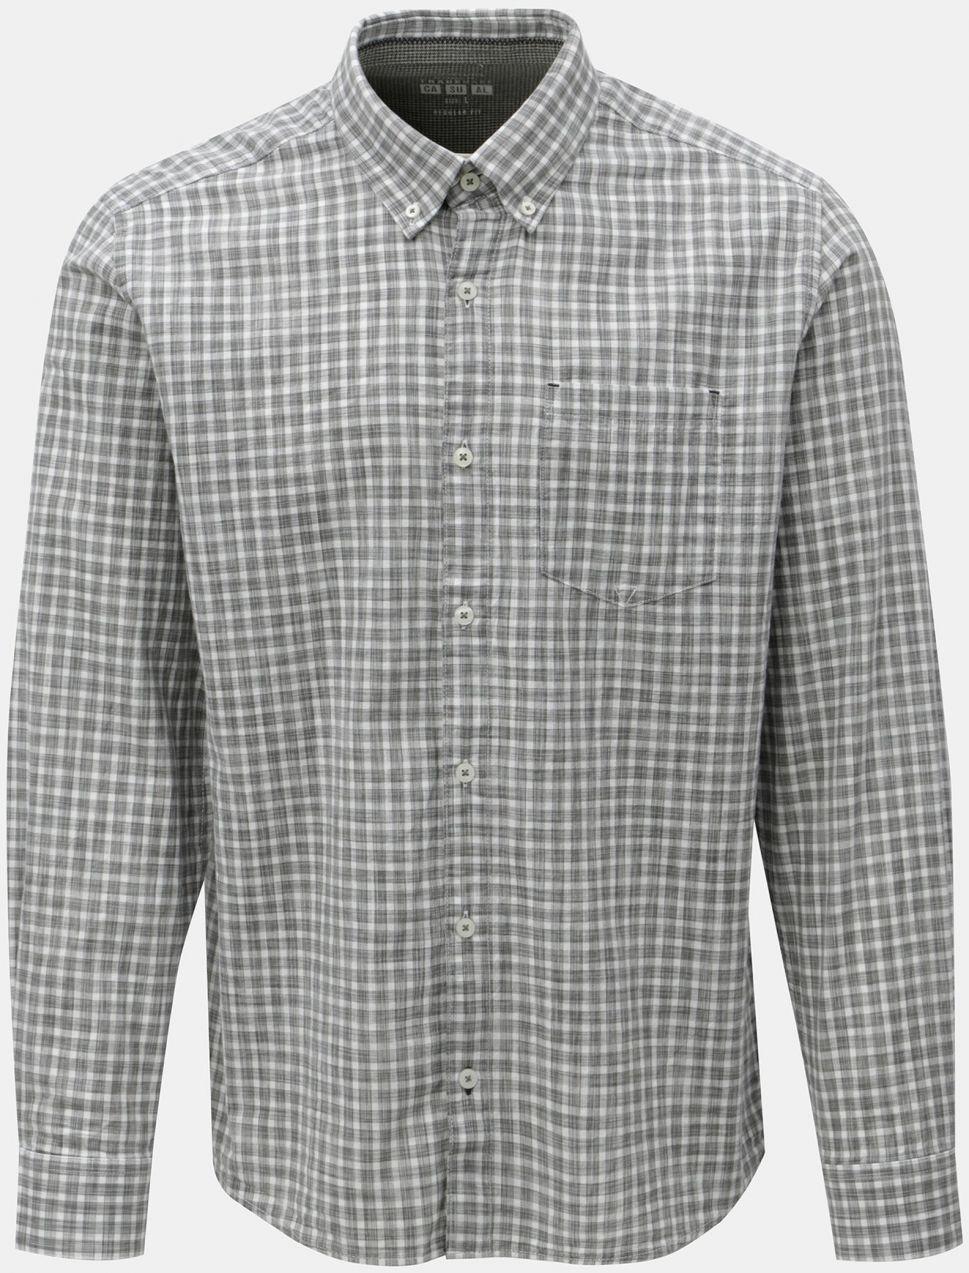 17778309b809 Bielo-sivá pánska kockovaná regular fit košeľa s.Oliver značky s ...